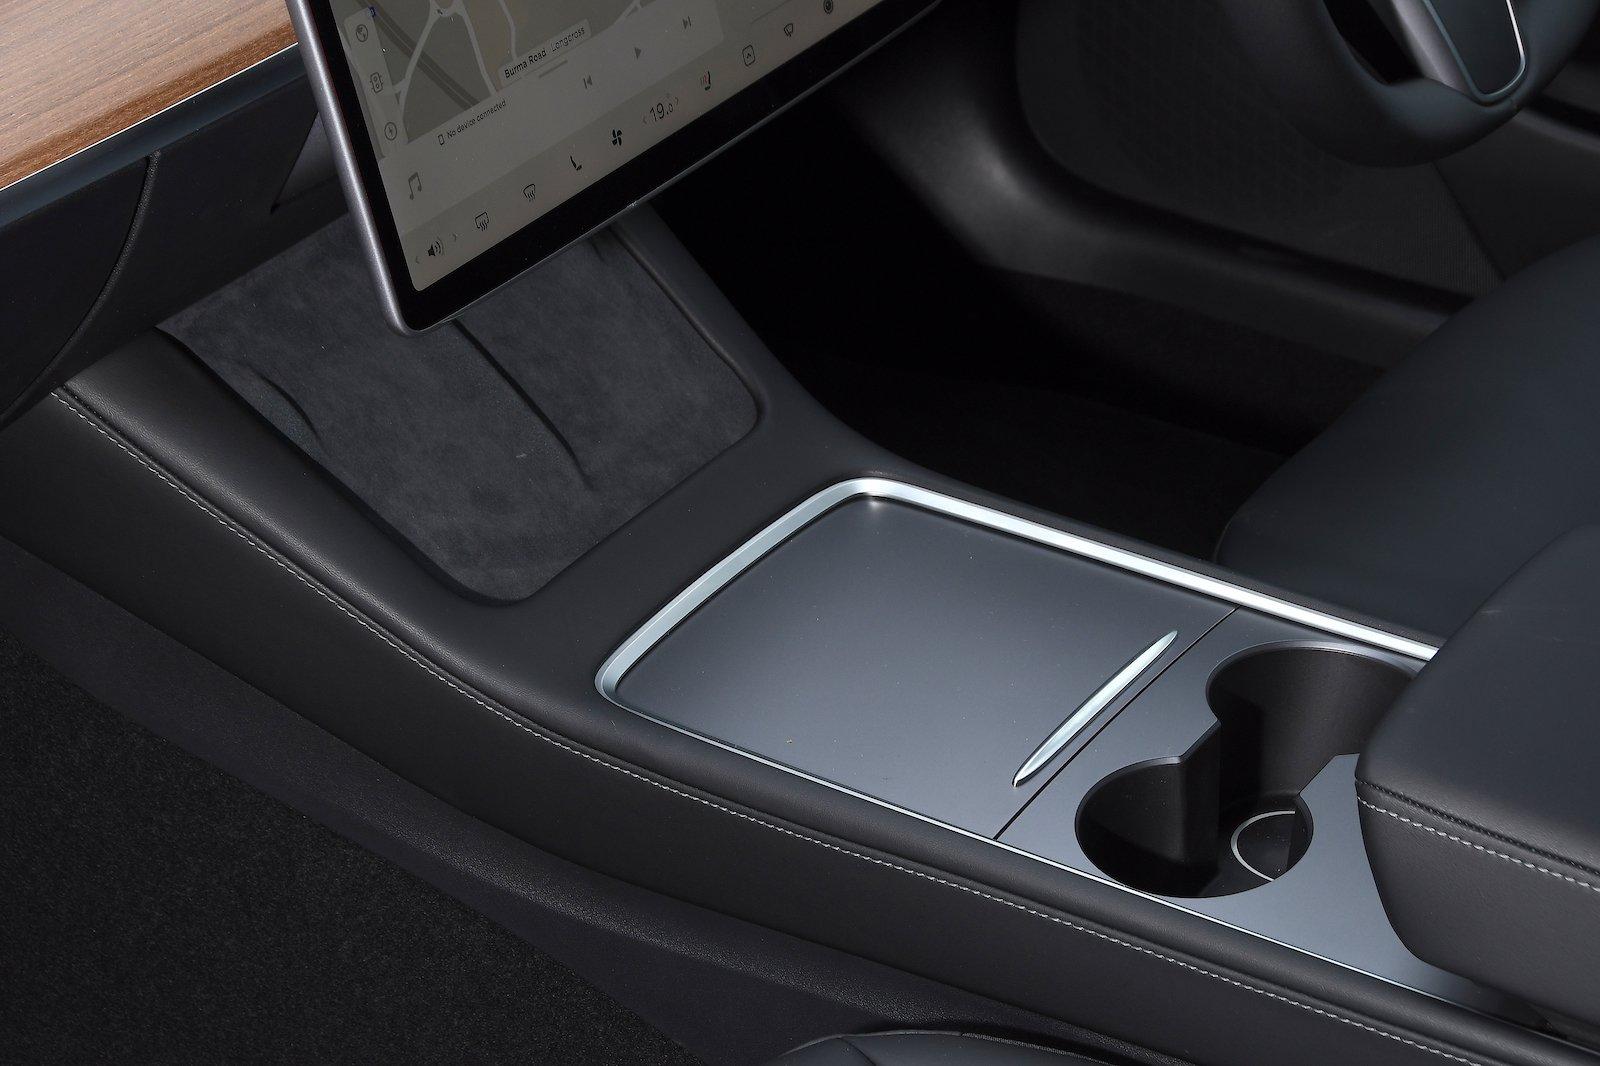 2021 Tesla Model 3 LR console